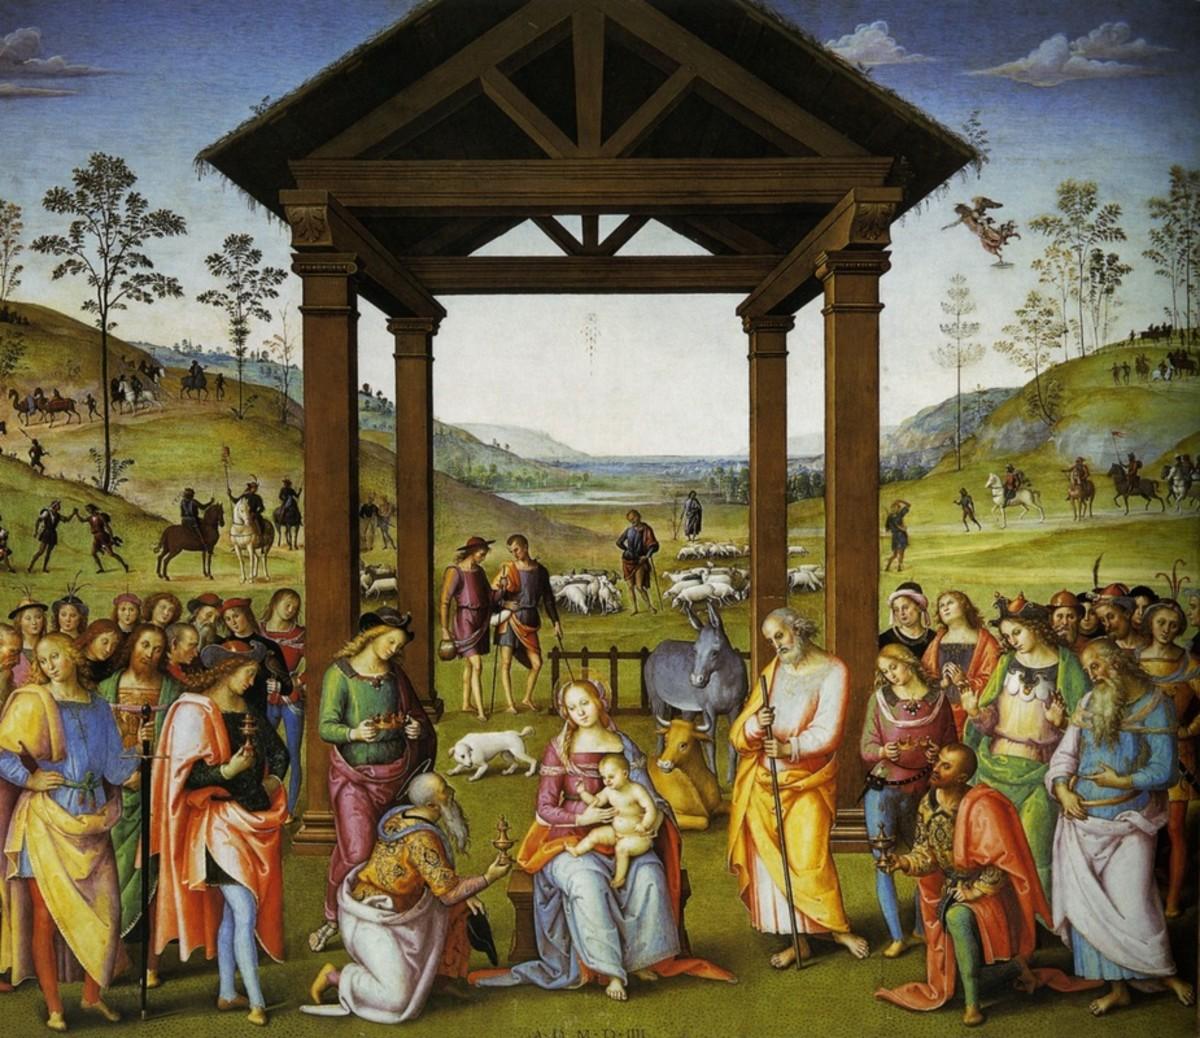 Pietro Perugino, Adoration of the Magi (1504), Città della Pieve Oratorio di Santa Maria dei Bianchi